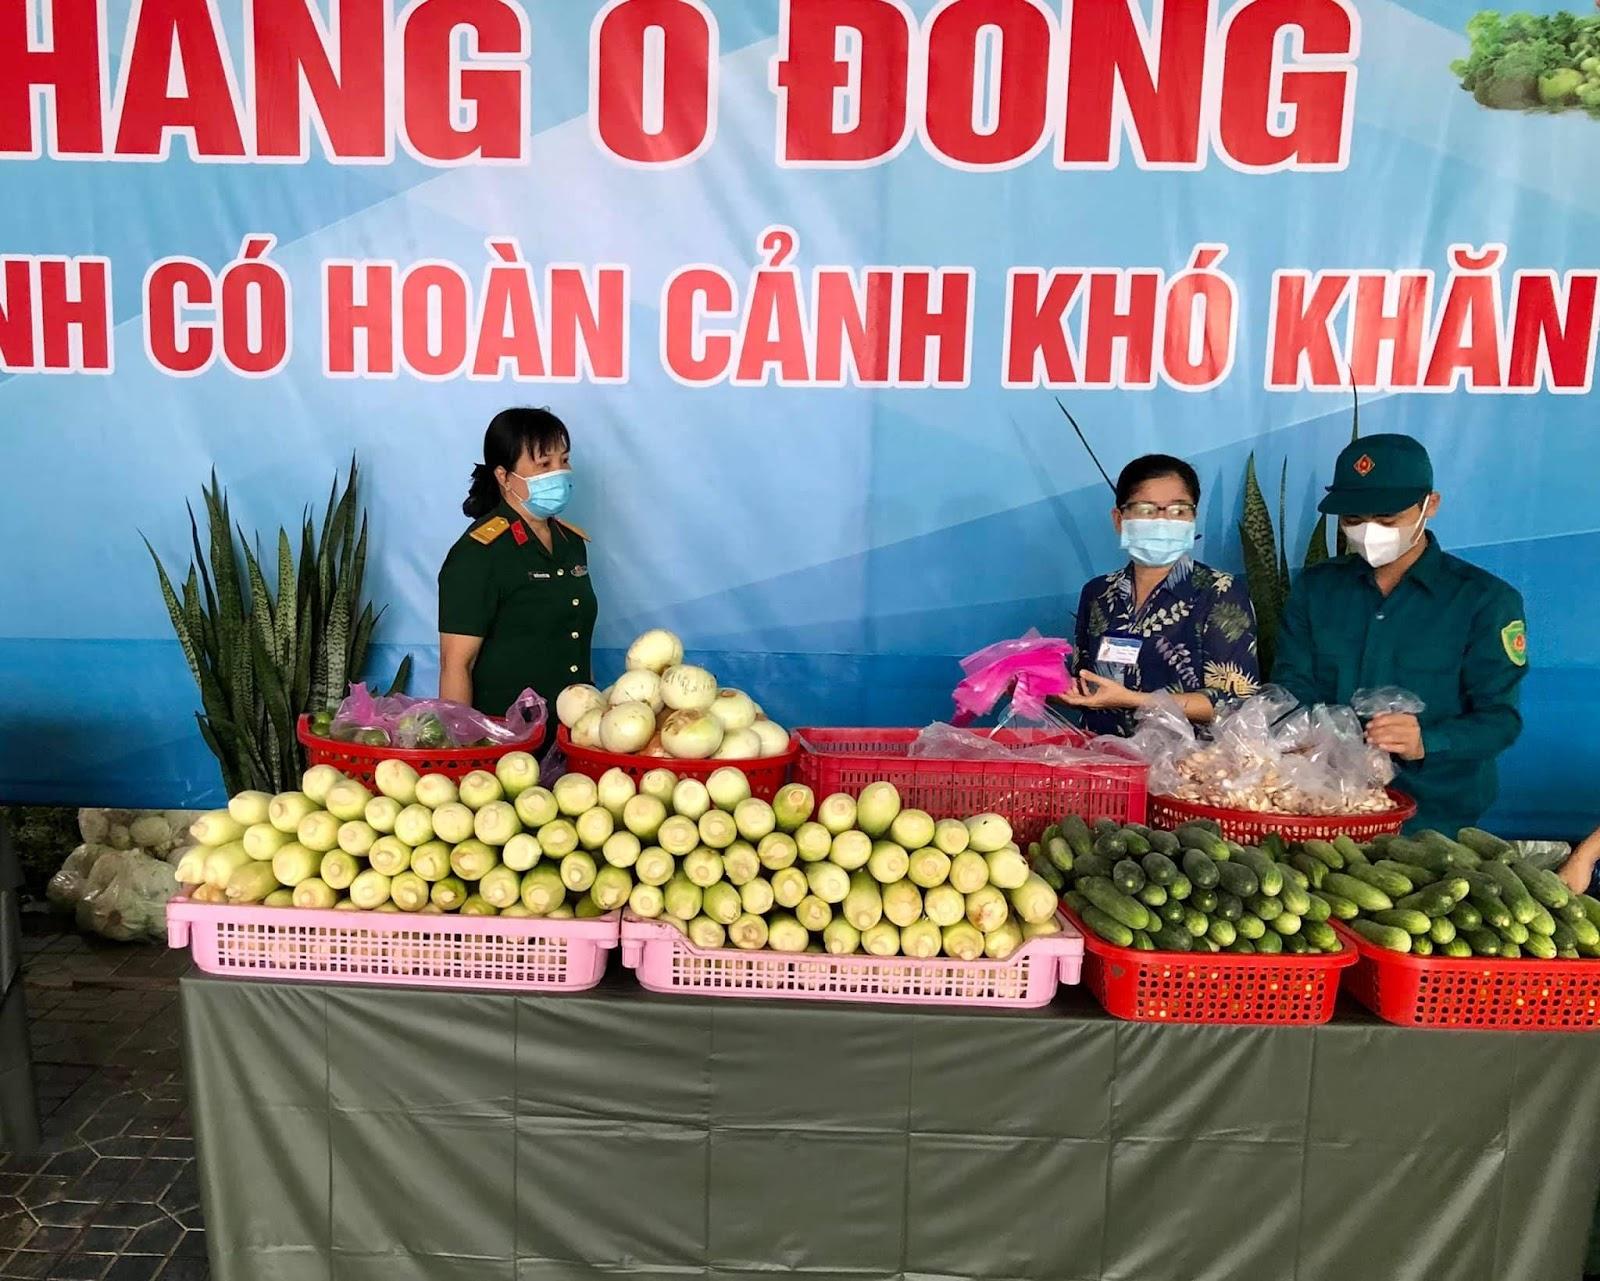 Gian hàng 0 đồng hỗ trợ người khó khăn tại Thành Phố Long Xuyên - An Giang